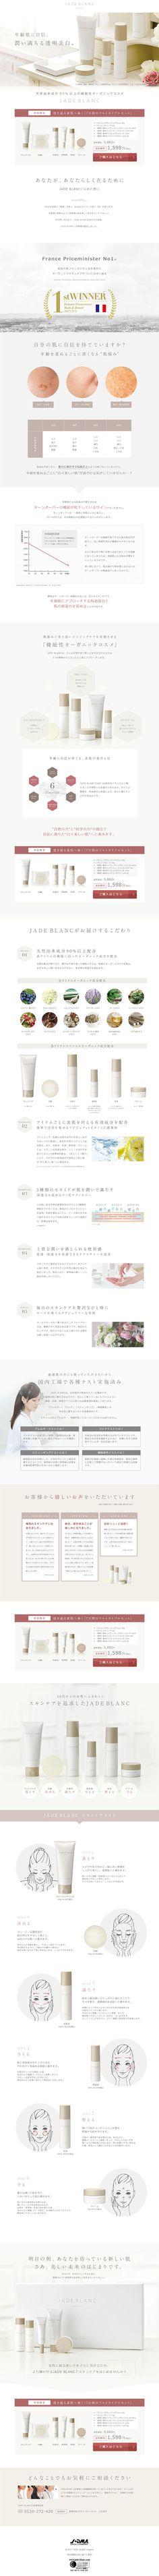 JADE BLANCWEBデザイナーさん必見!ランディングページのデザイン参考に(シンプル系)